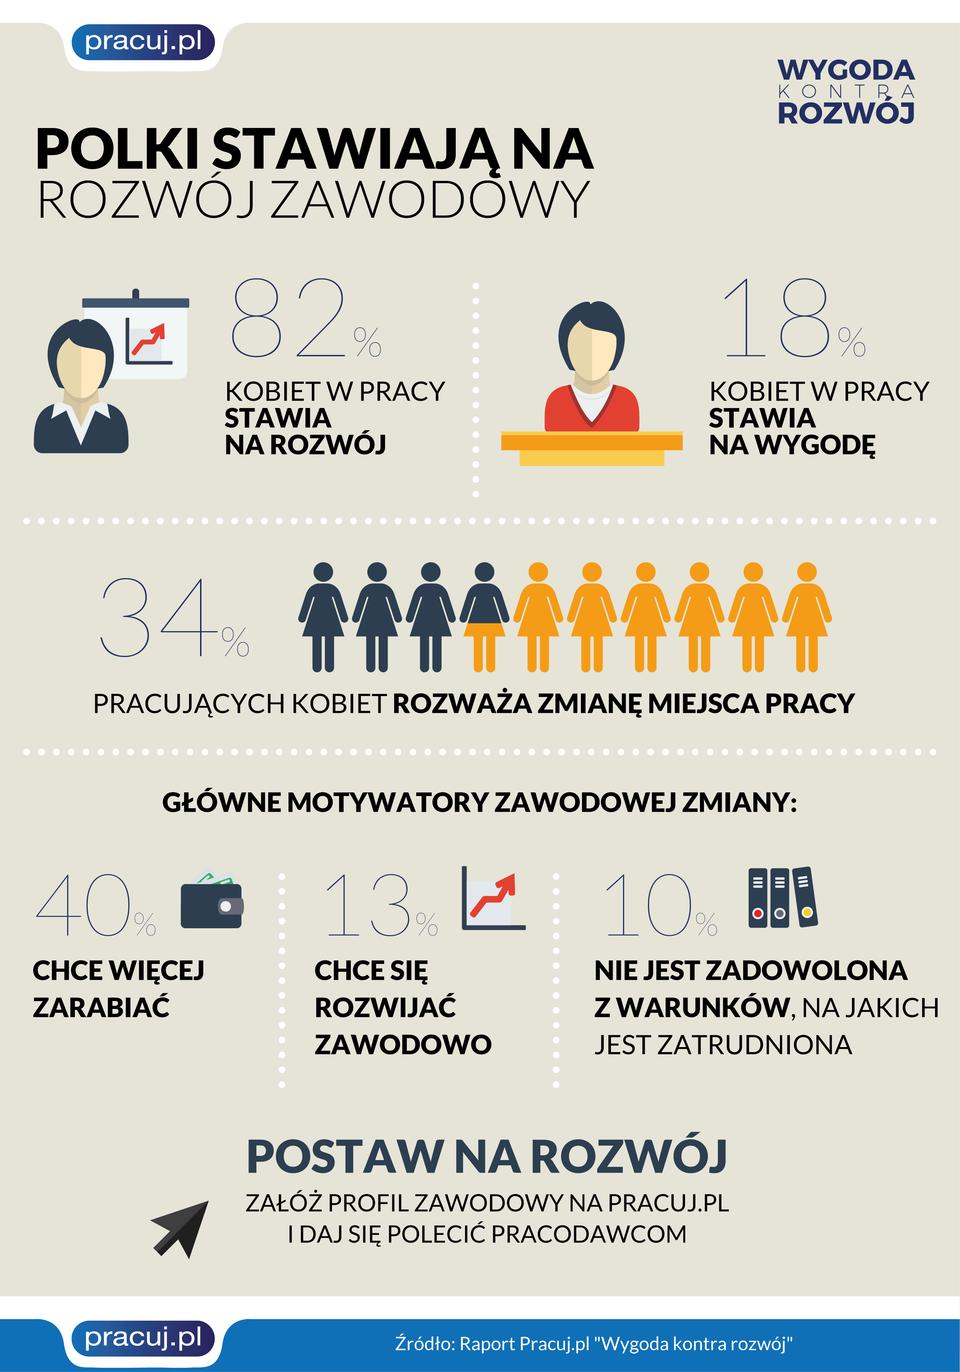 polki_rozwoj_zawodowy_01.png